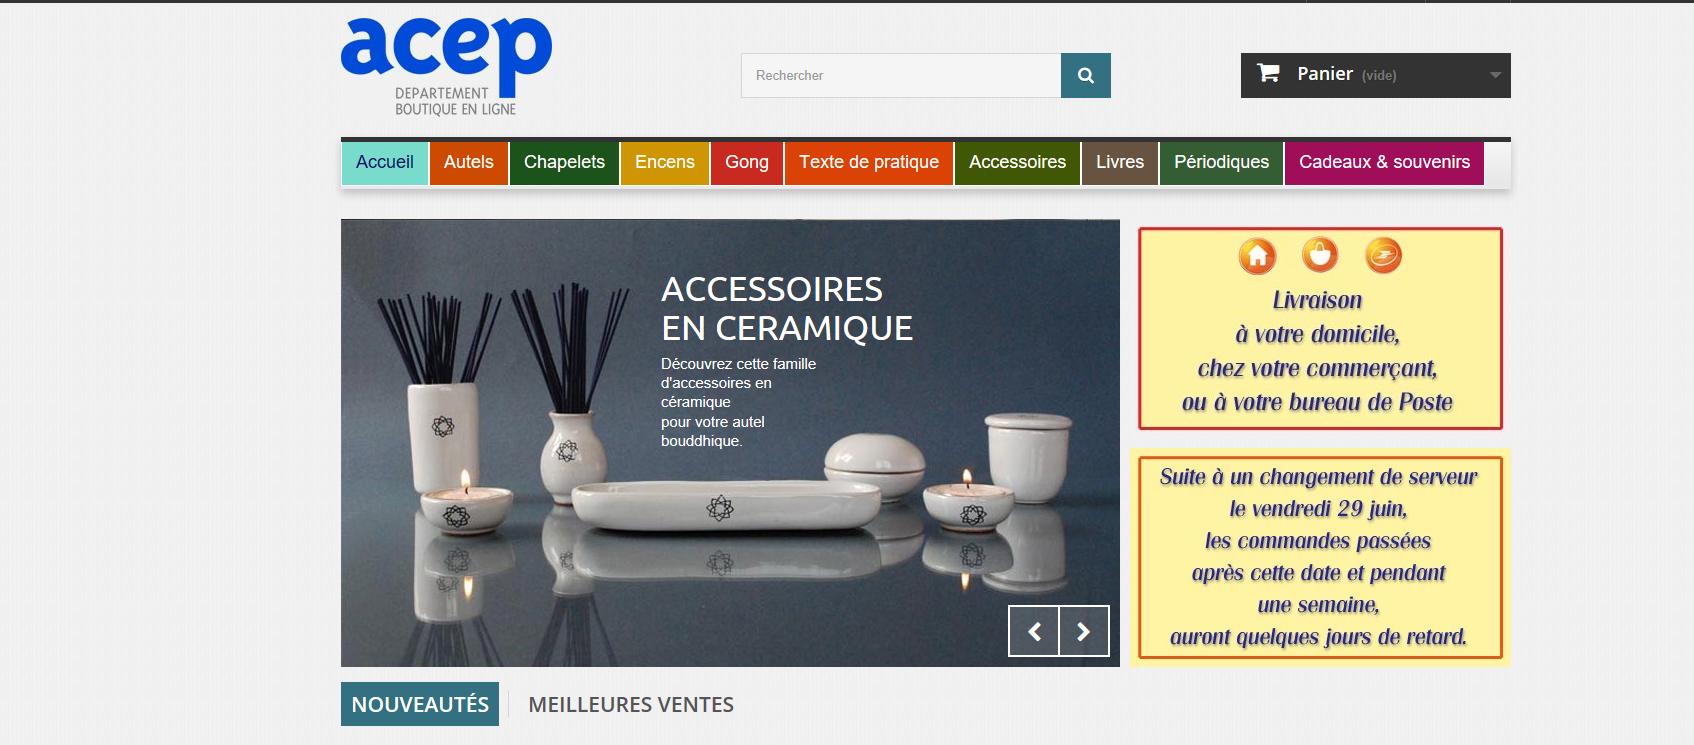 Connexion réussie pour Acep entre sa gestion commerciale Sage et son site ecommerce PrestaShop